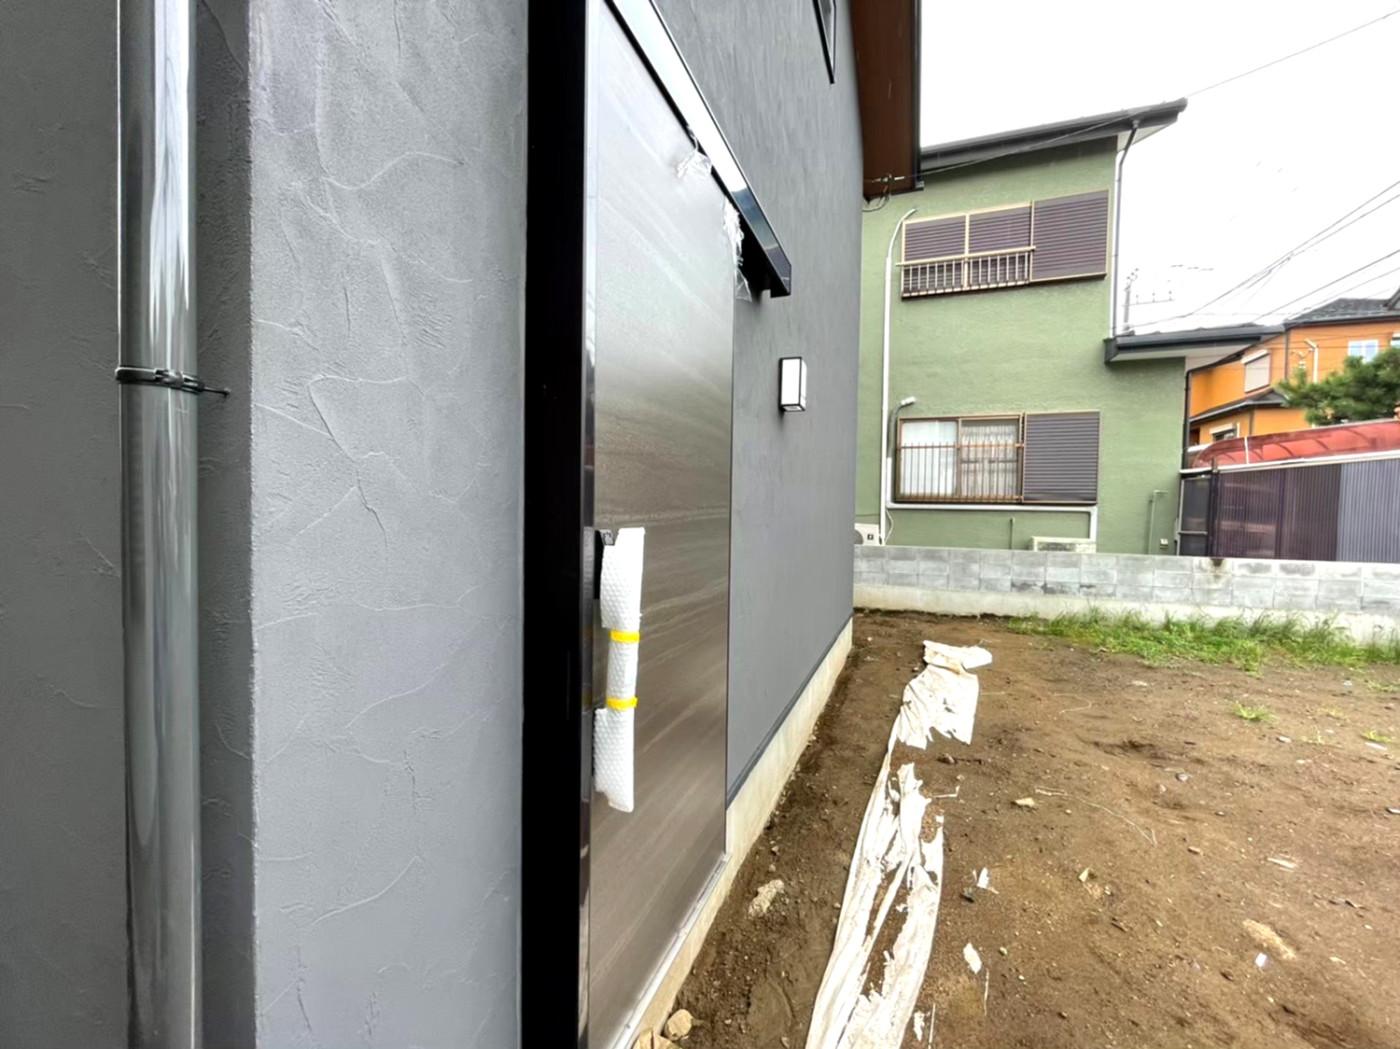 神奈川県 株式会社 琴美建設 グランドアートウォール施工イメージ3647_11